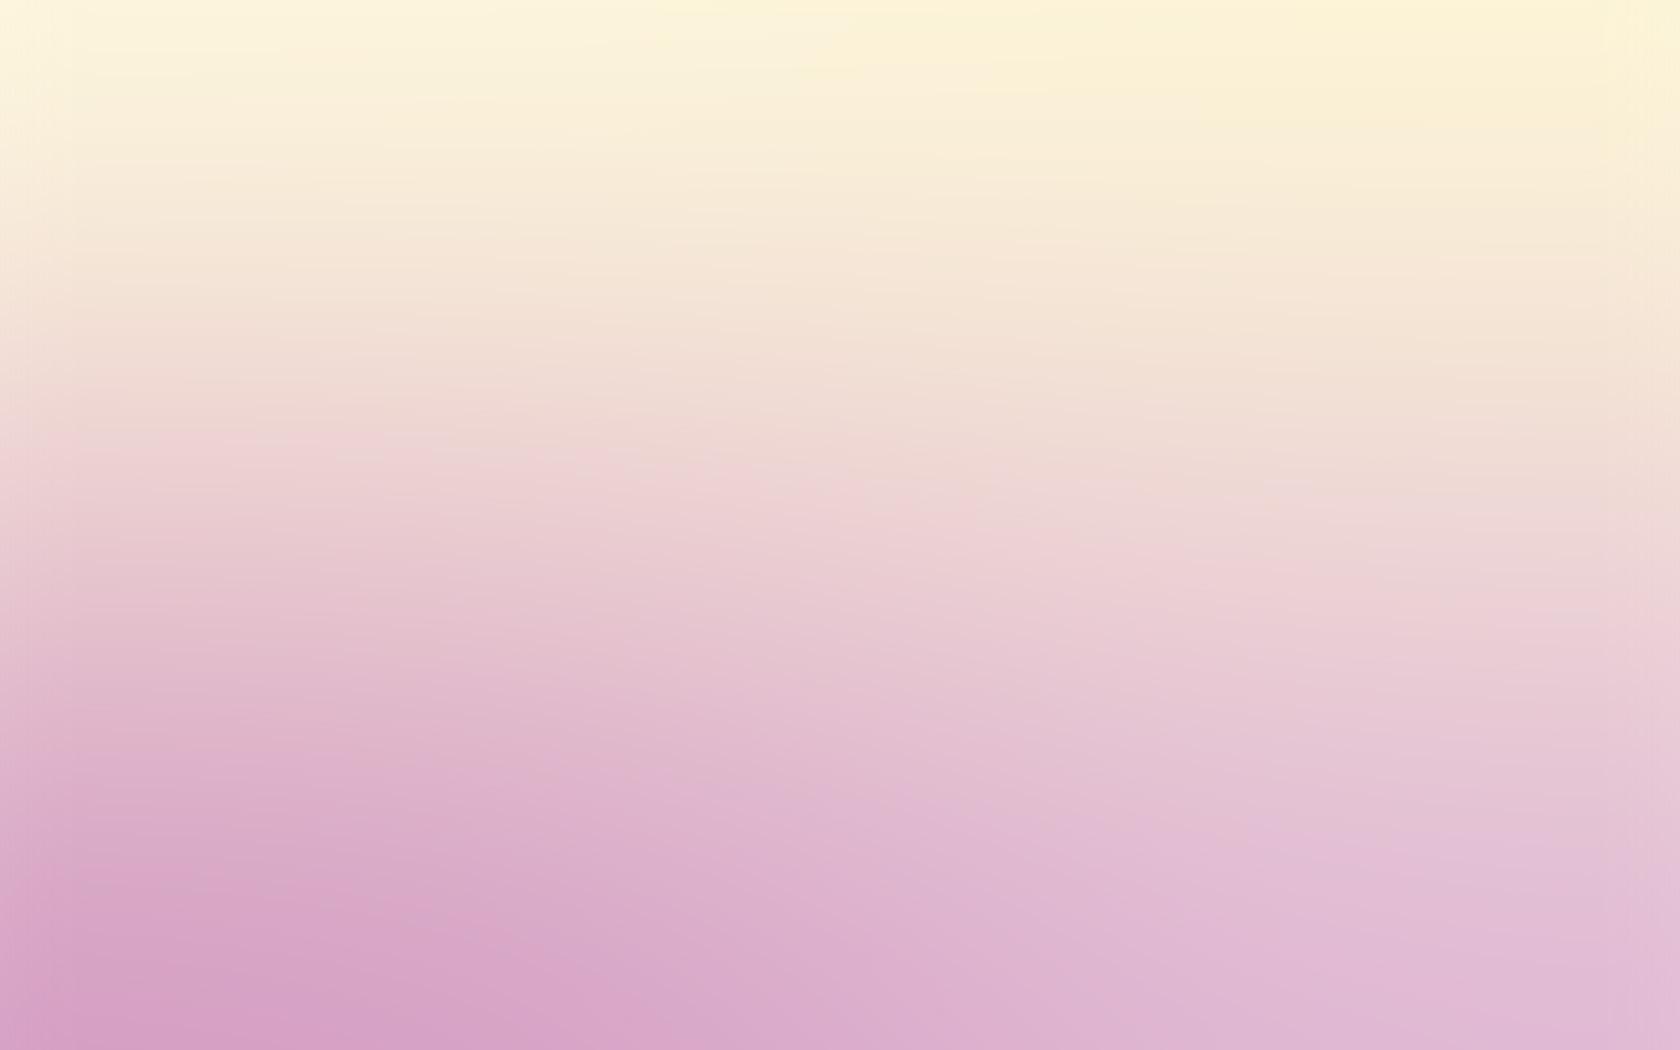 sm46 pastel pink blur gradation wallpaper. Black Bedroom Furniture Sets. Home Design Ideas